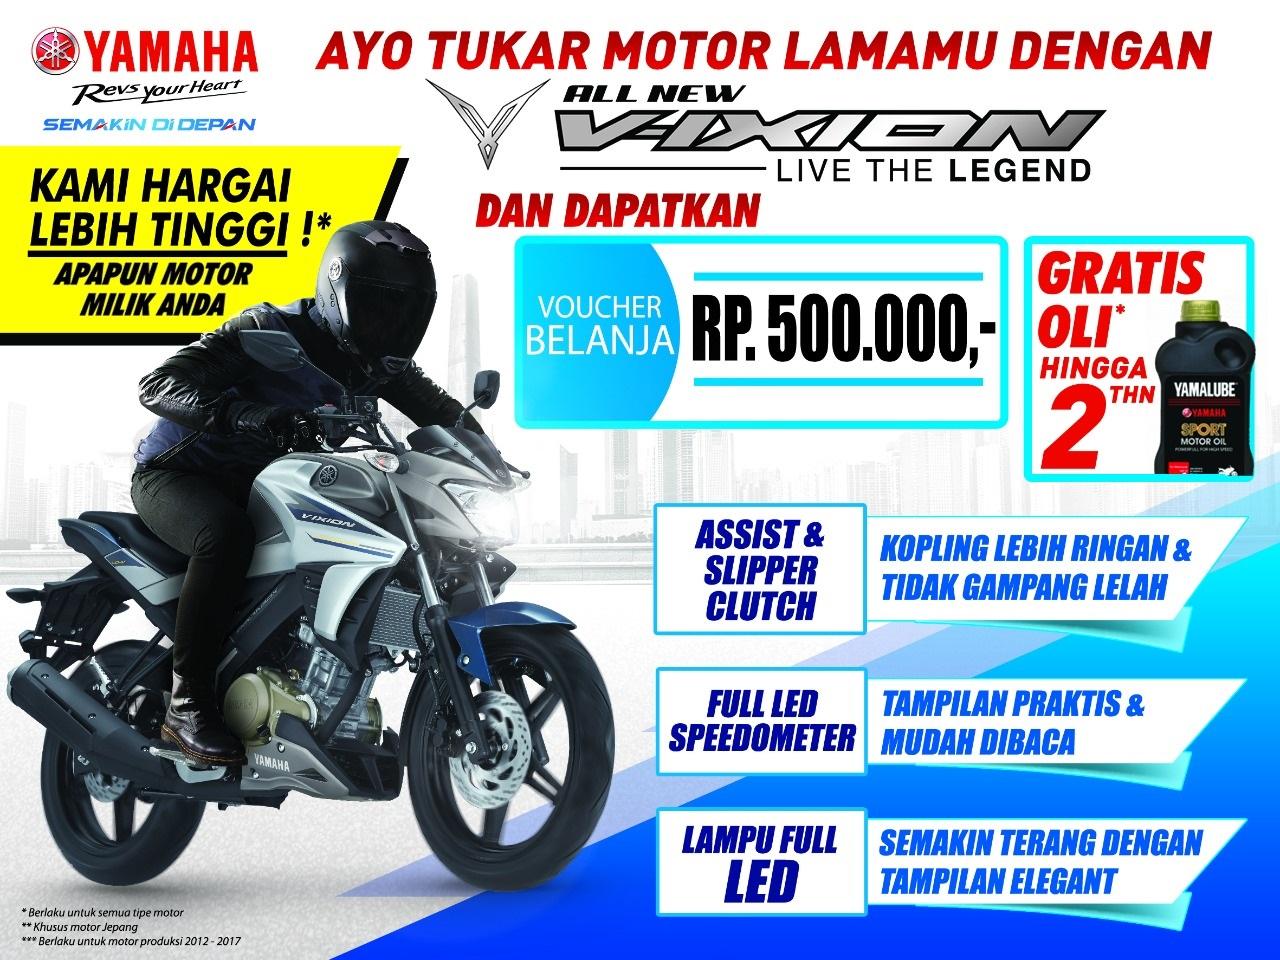 Datang Ke Yamaha Sunday Race 2017 Seri 2 Bisa Tukar Sepeda Motor Speedometer Vixion Old Lama Caranya Adalah Rekan Kedua Ini Dan Langsung Tukarkan Dengan All New